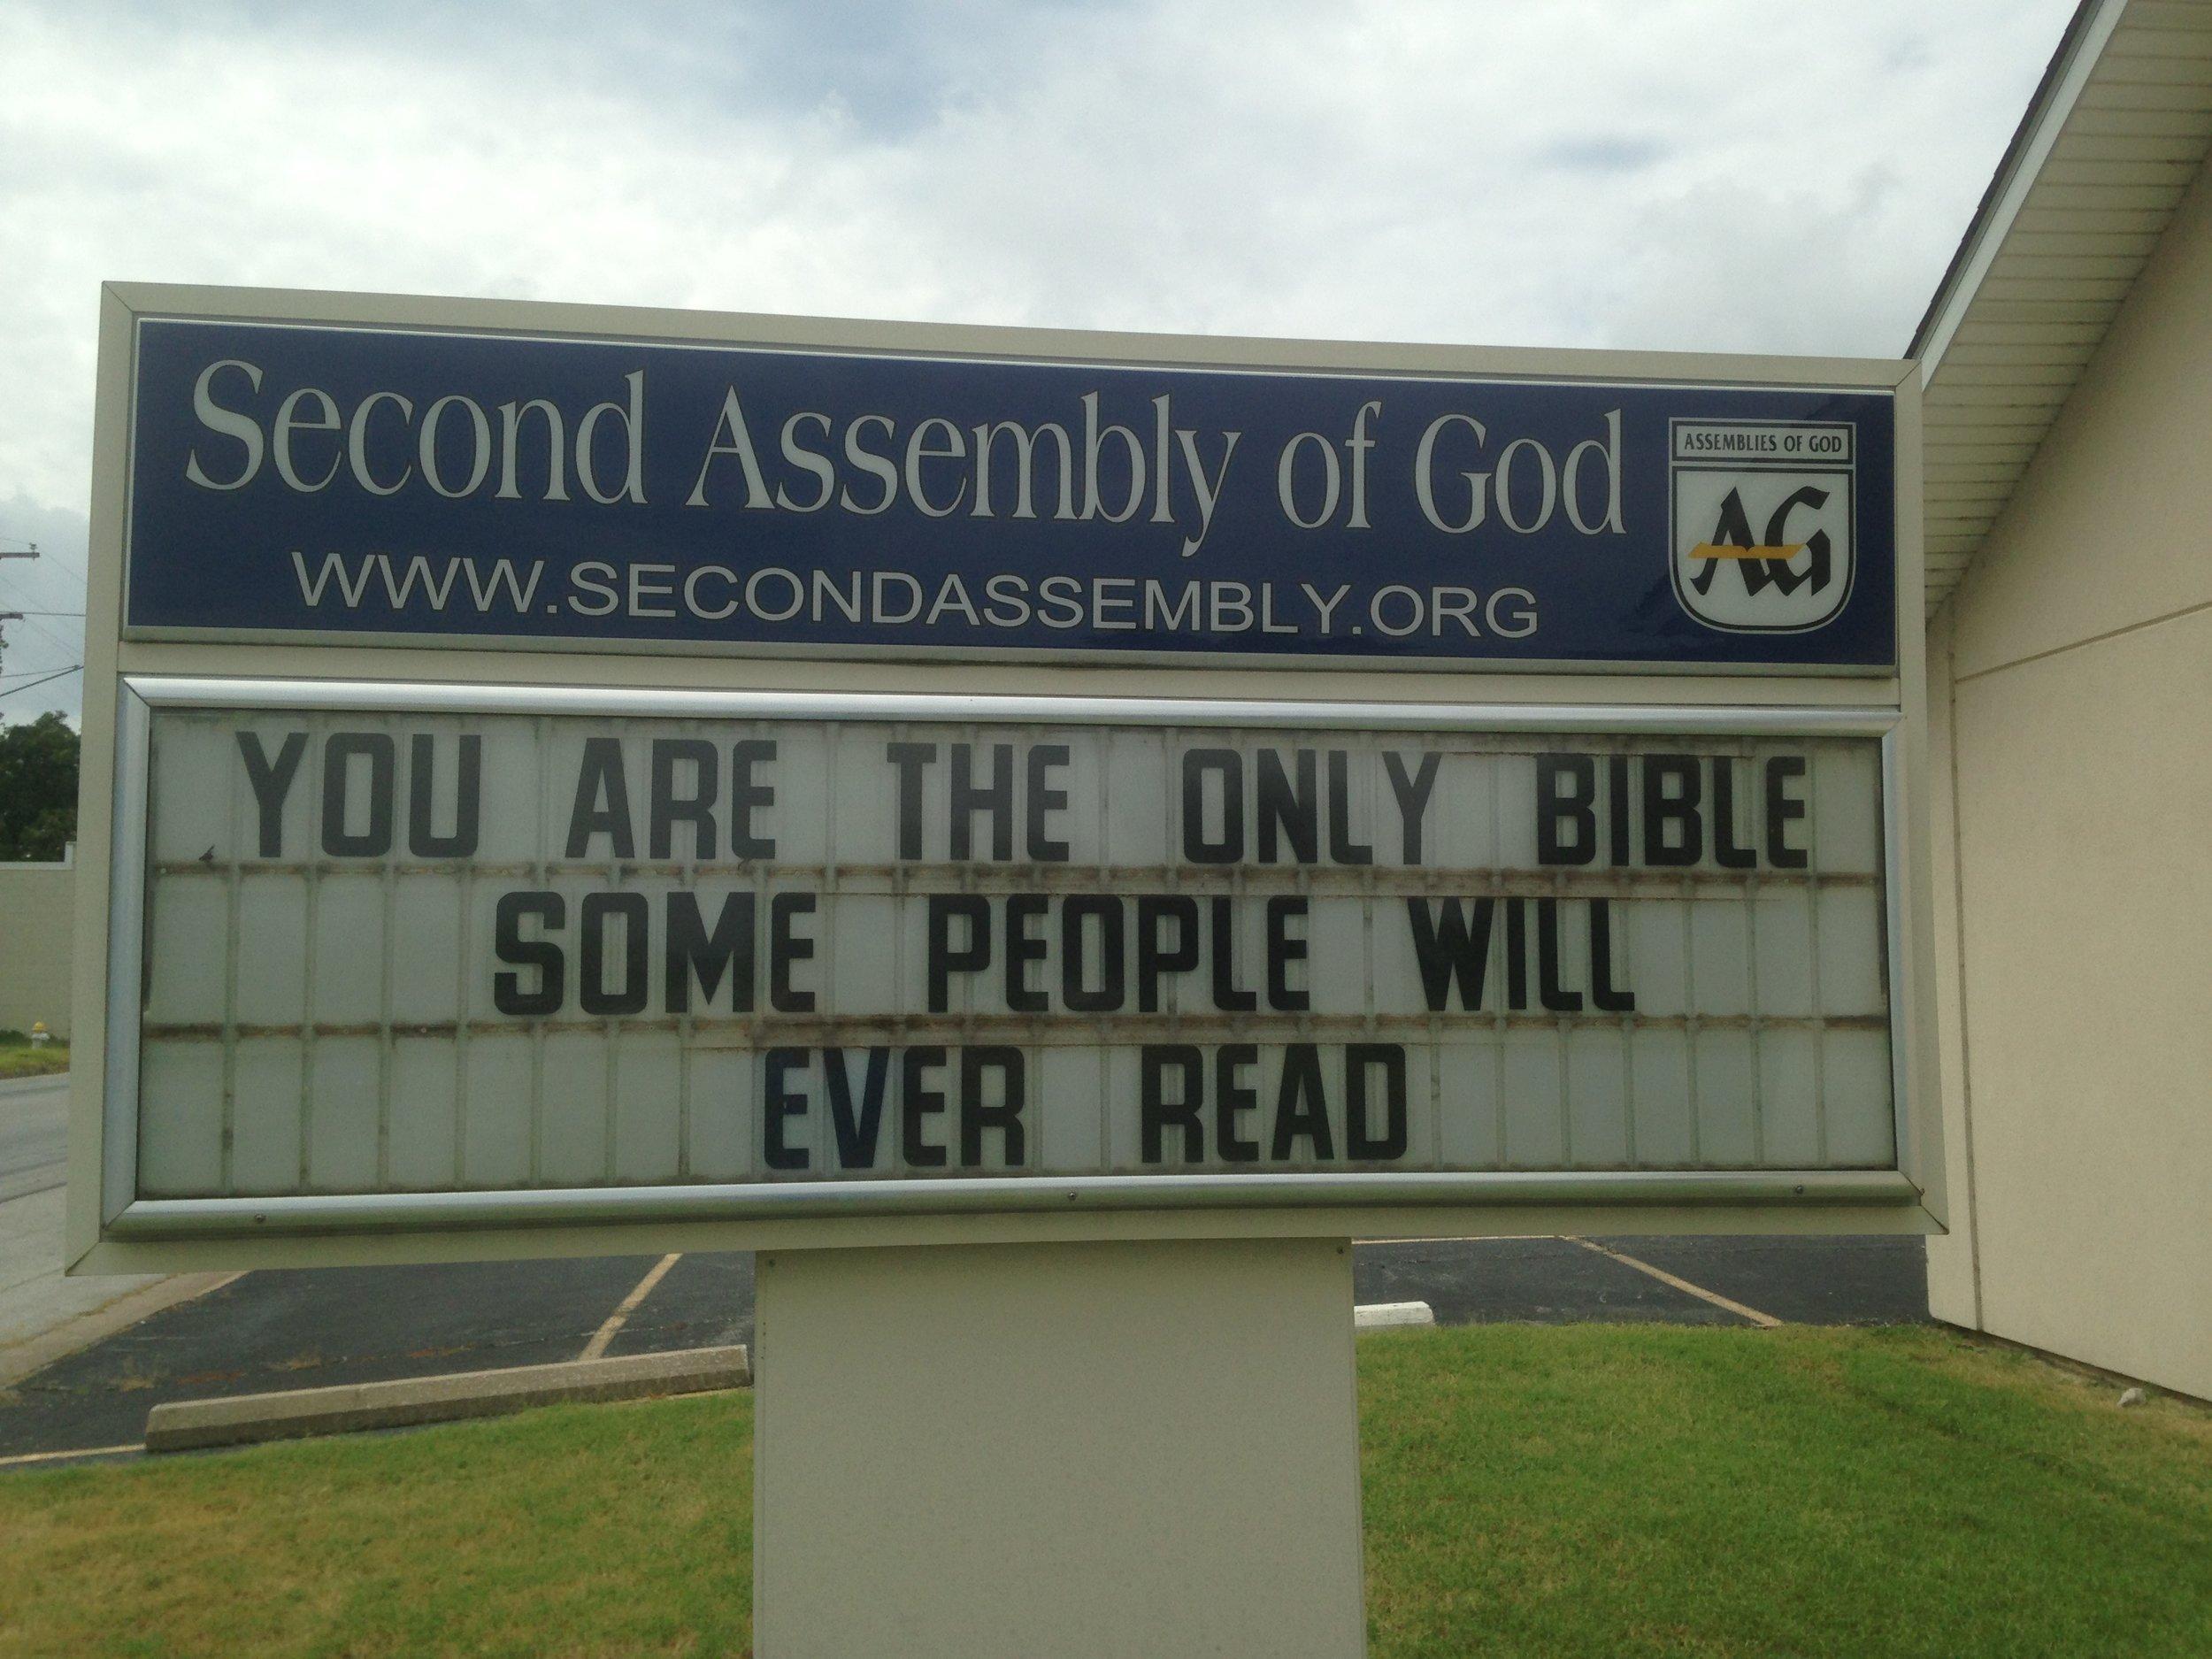 Second Assembly of God, Joplin, Missouri